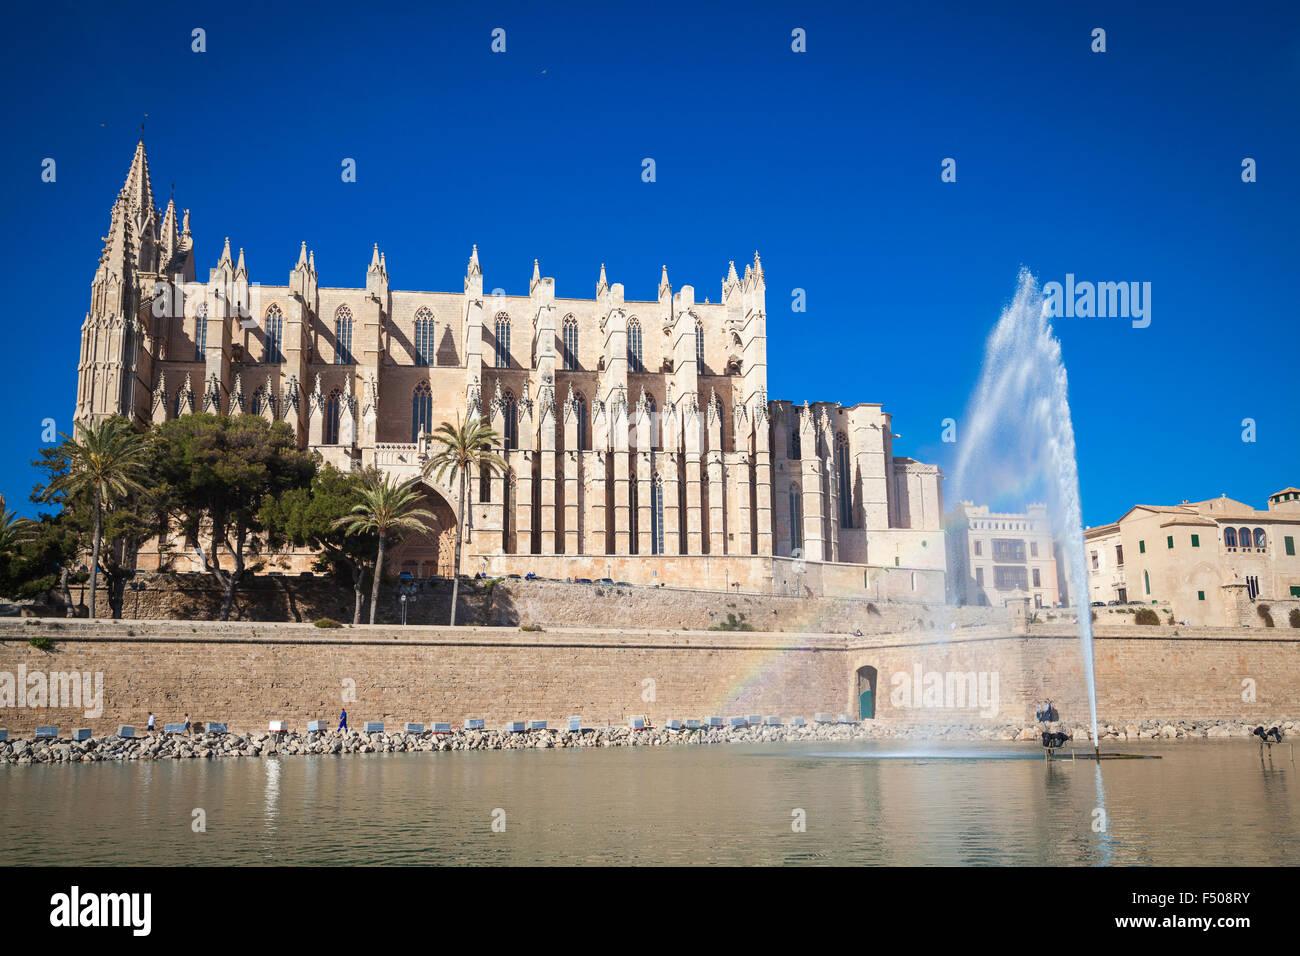 Cathedral San Seu in Palma de Mallorca - Stock Image